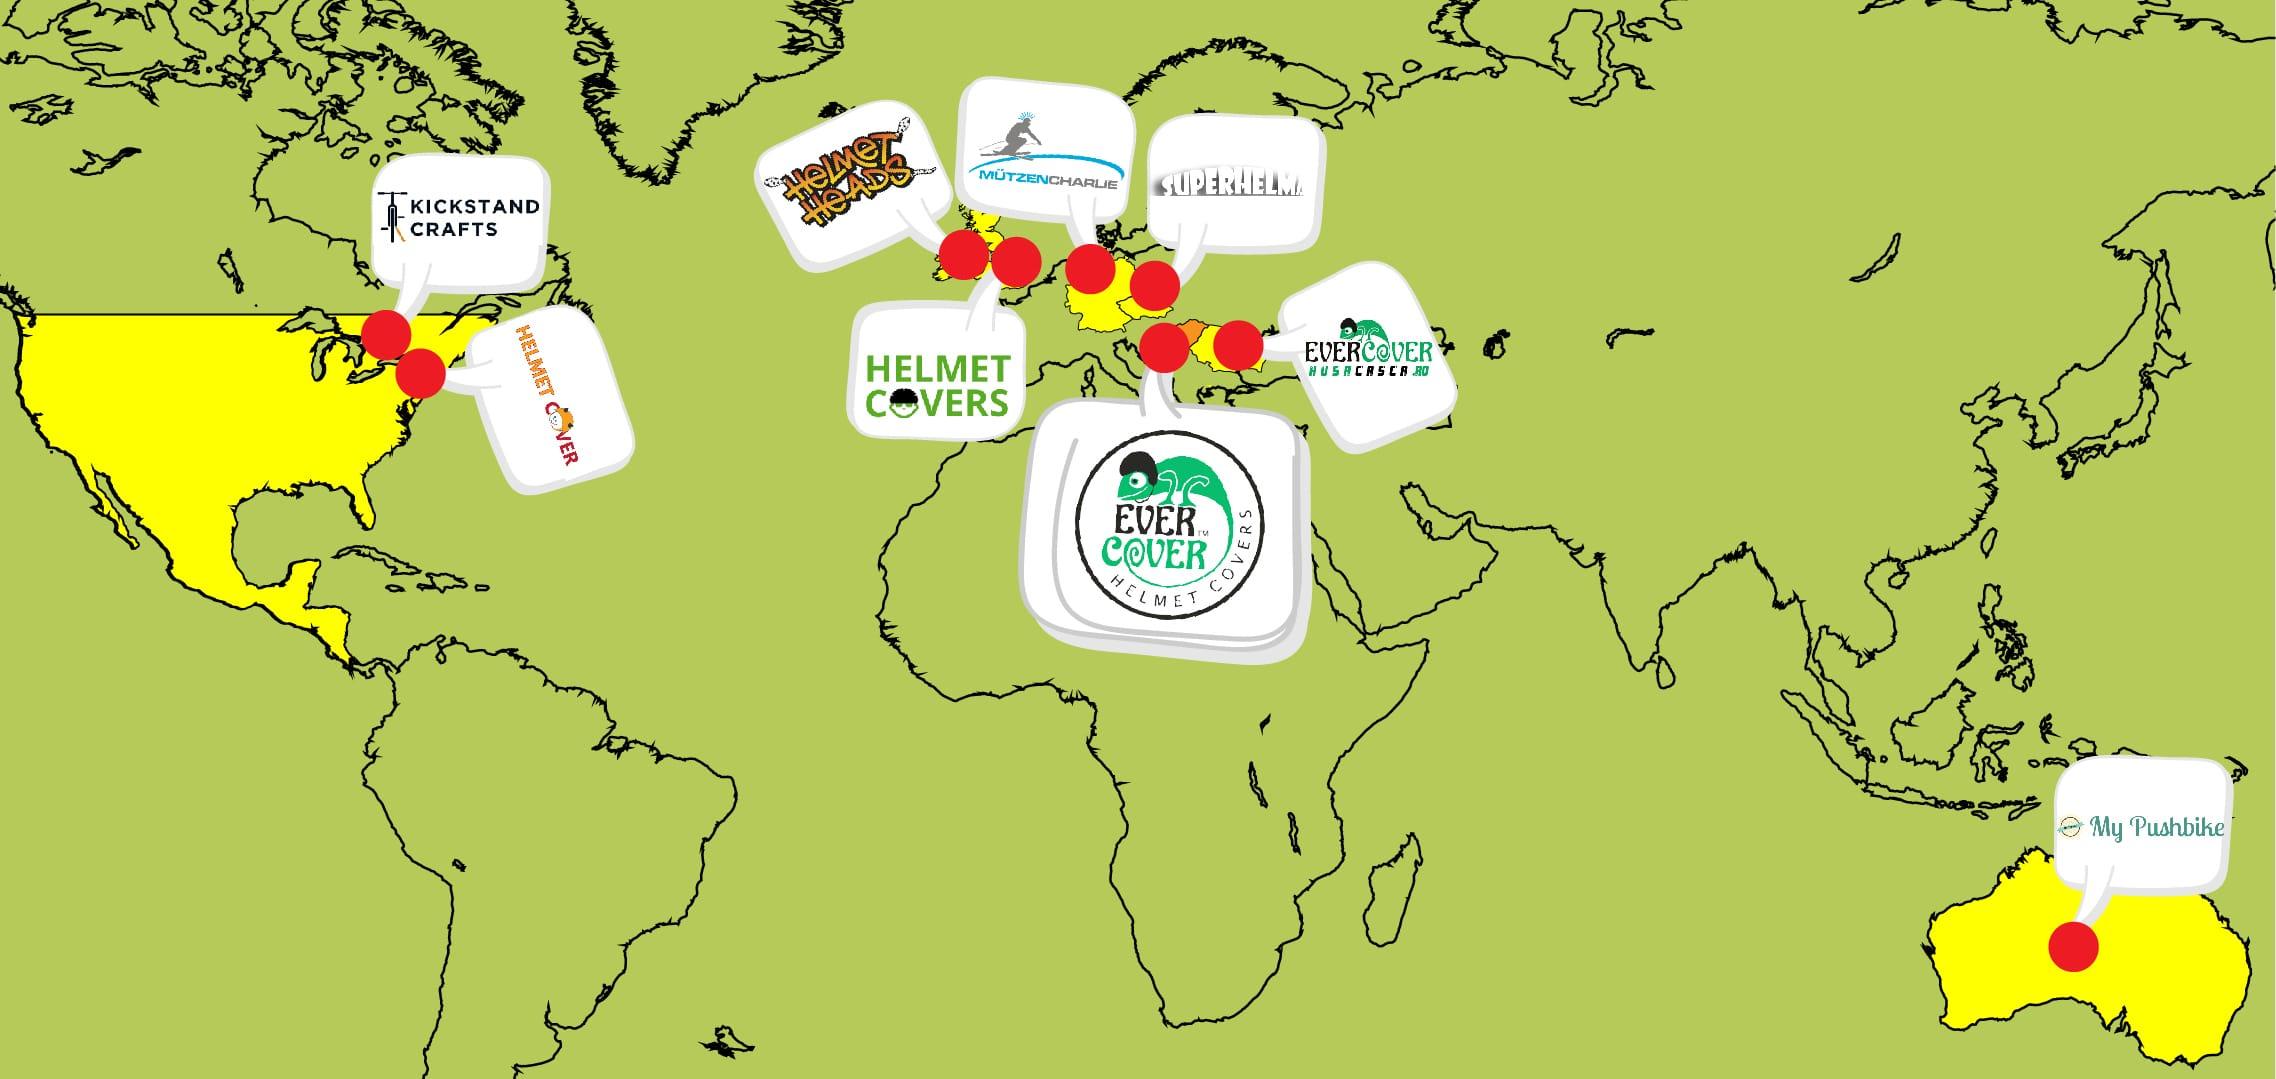 Evercover Helmet Cover map